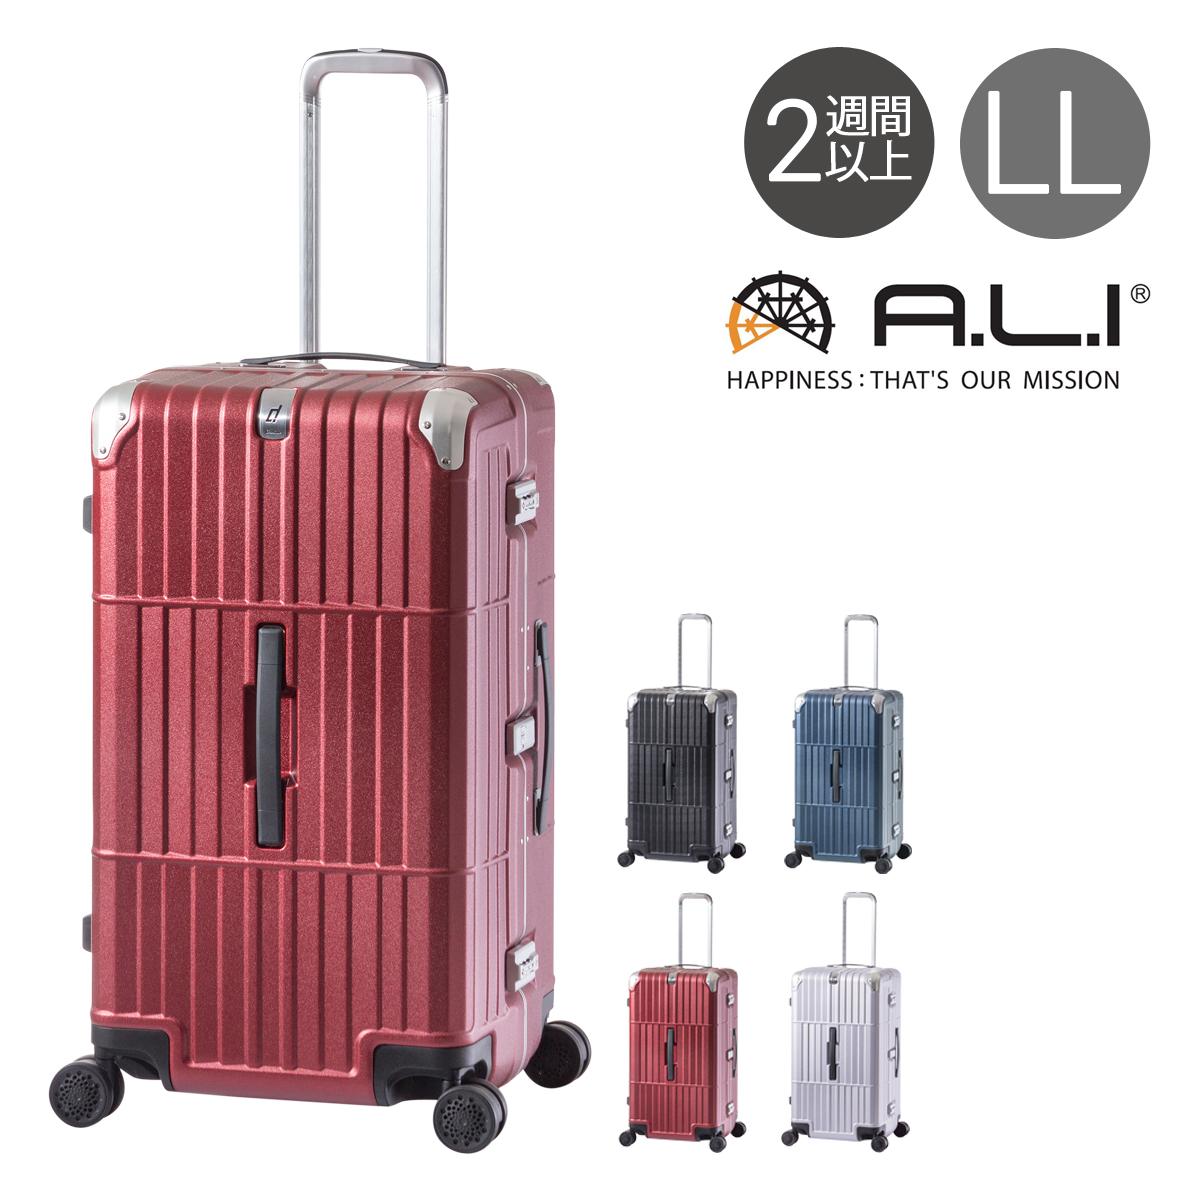 アジアラゲージ スーツケース|101L 72cm 5.7kg HD-515-29 ハード フレーム A.L.I departure ディパーチャー|TSAロック搭載 キャリーケース ハードキャリー[PO10][bef]